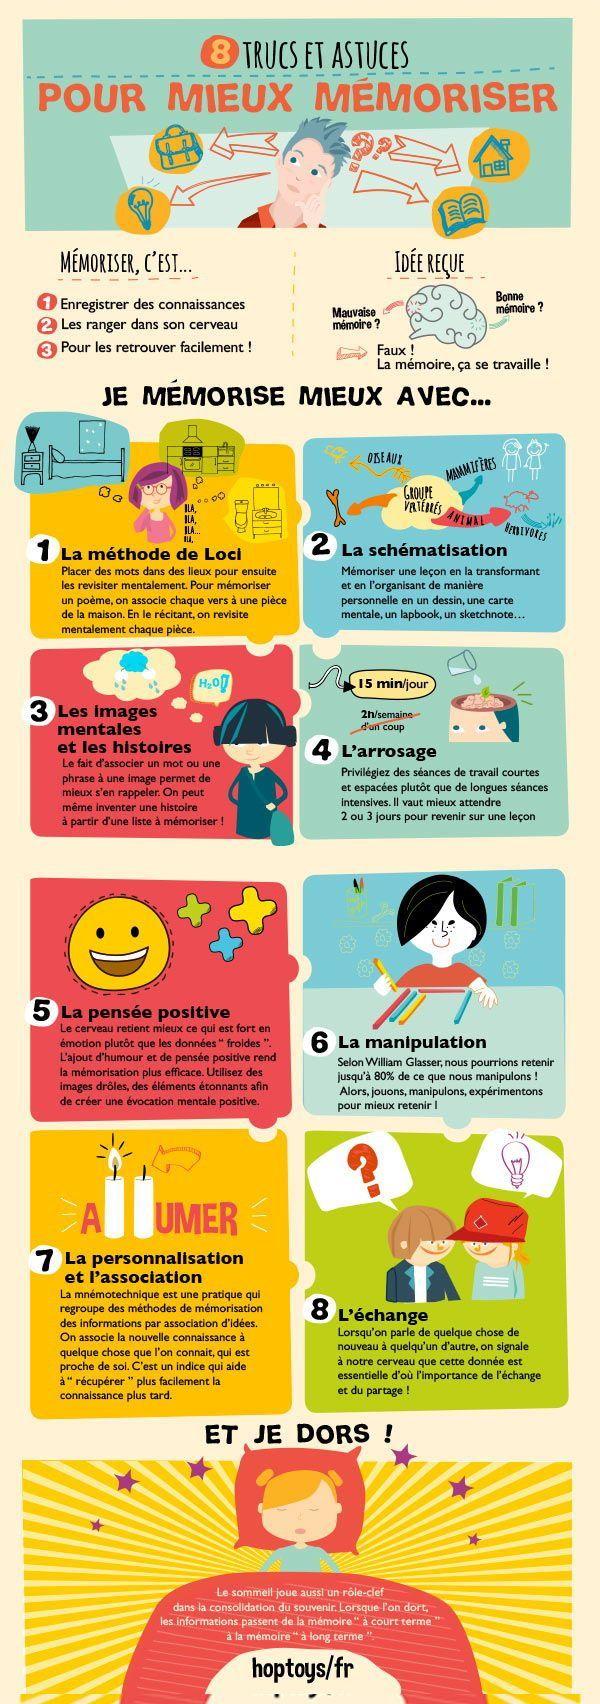 Infographie : 8 trucs et astuces pour mieux mémoriser